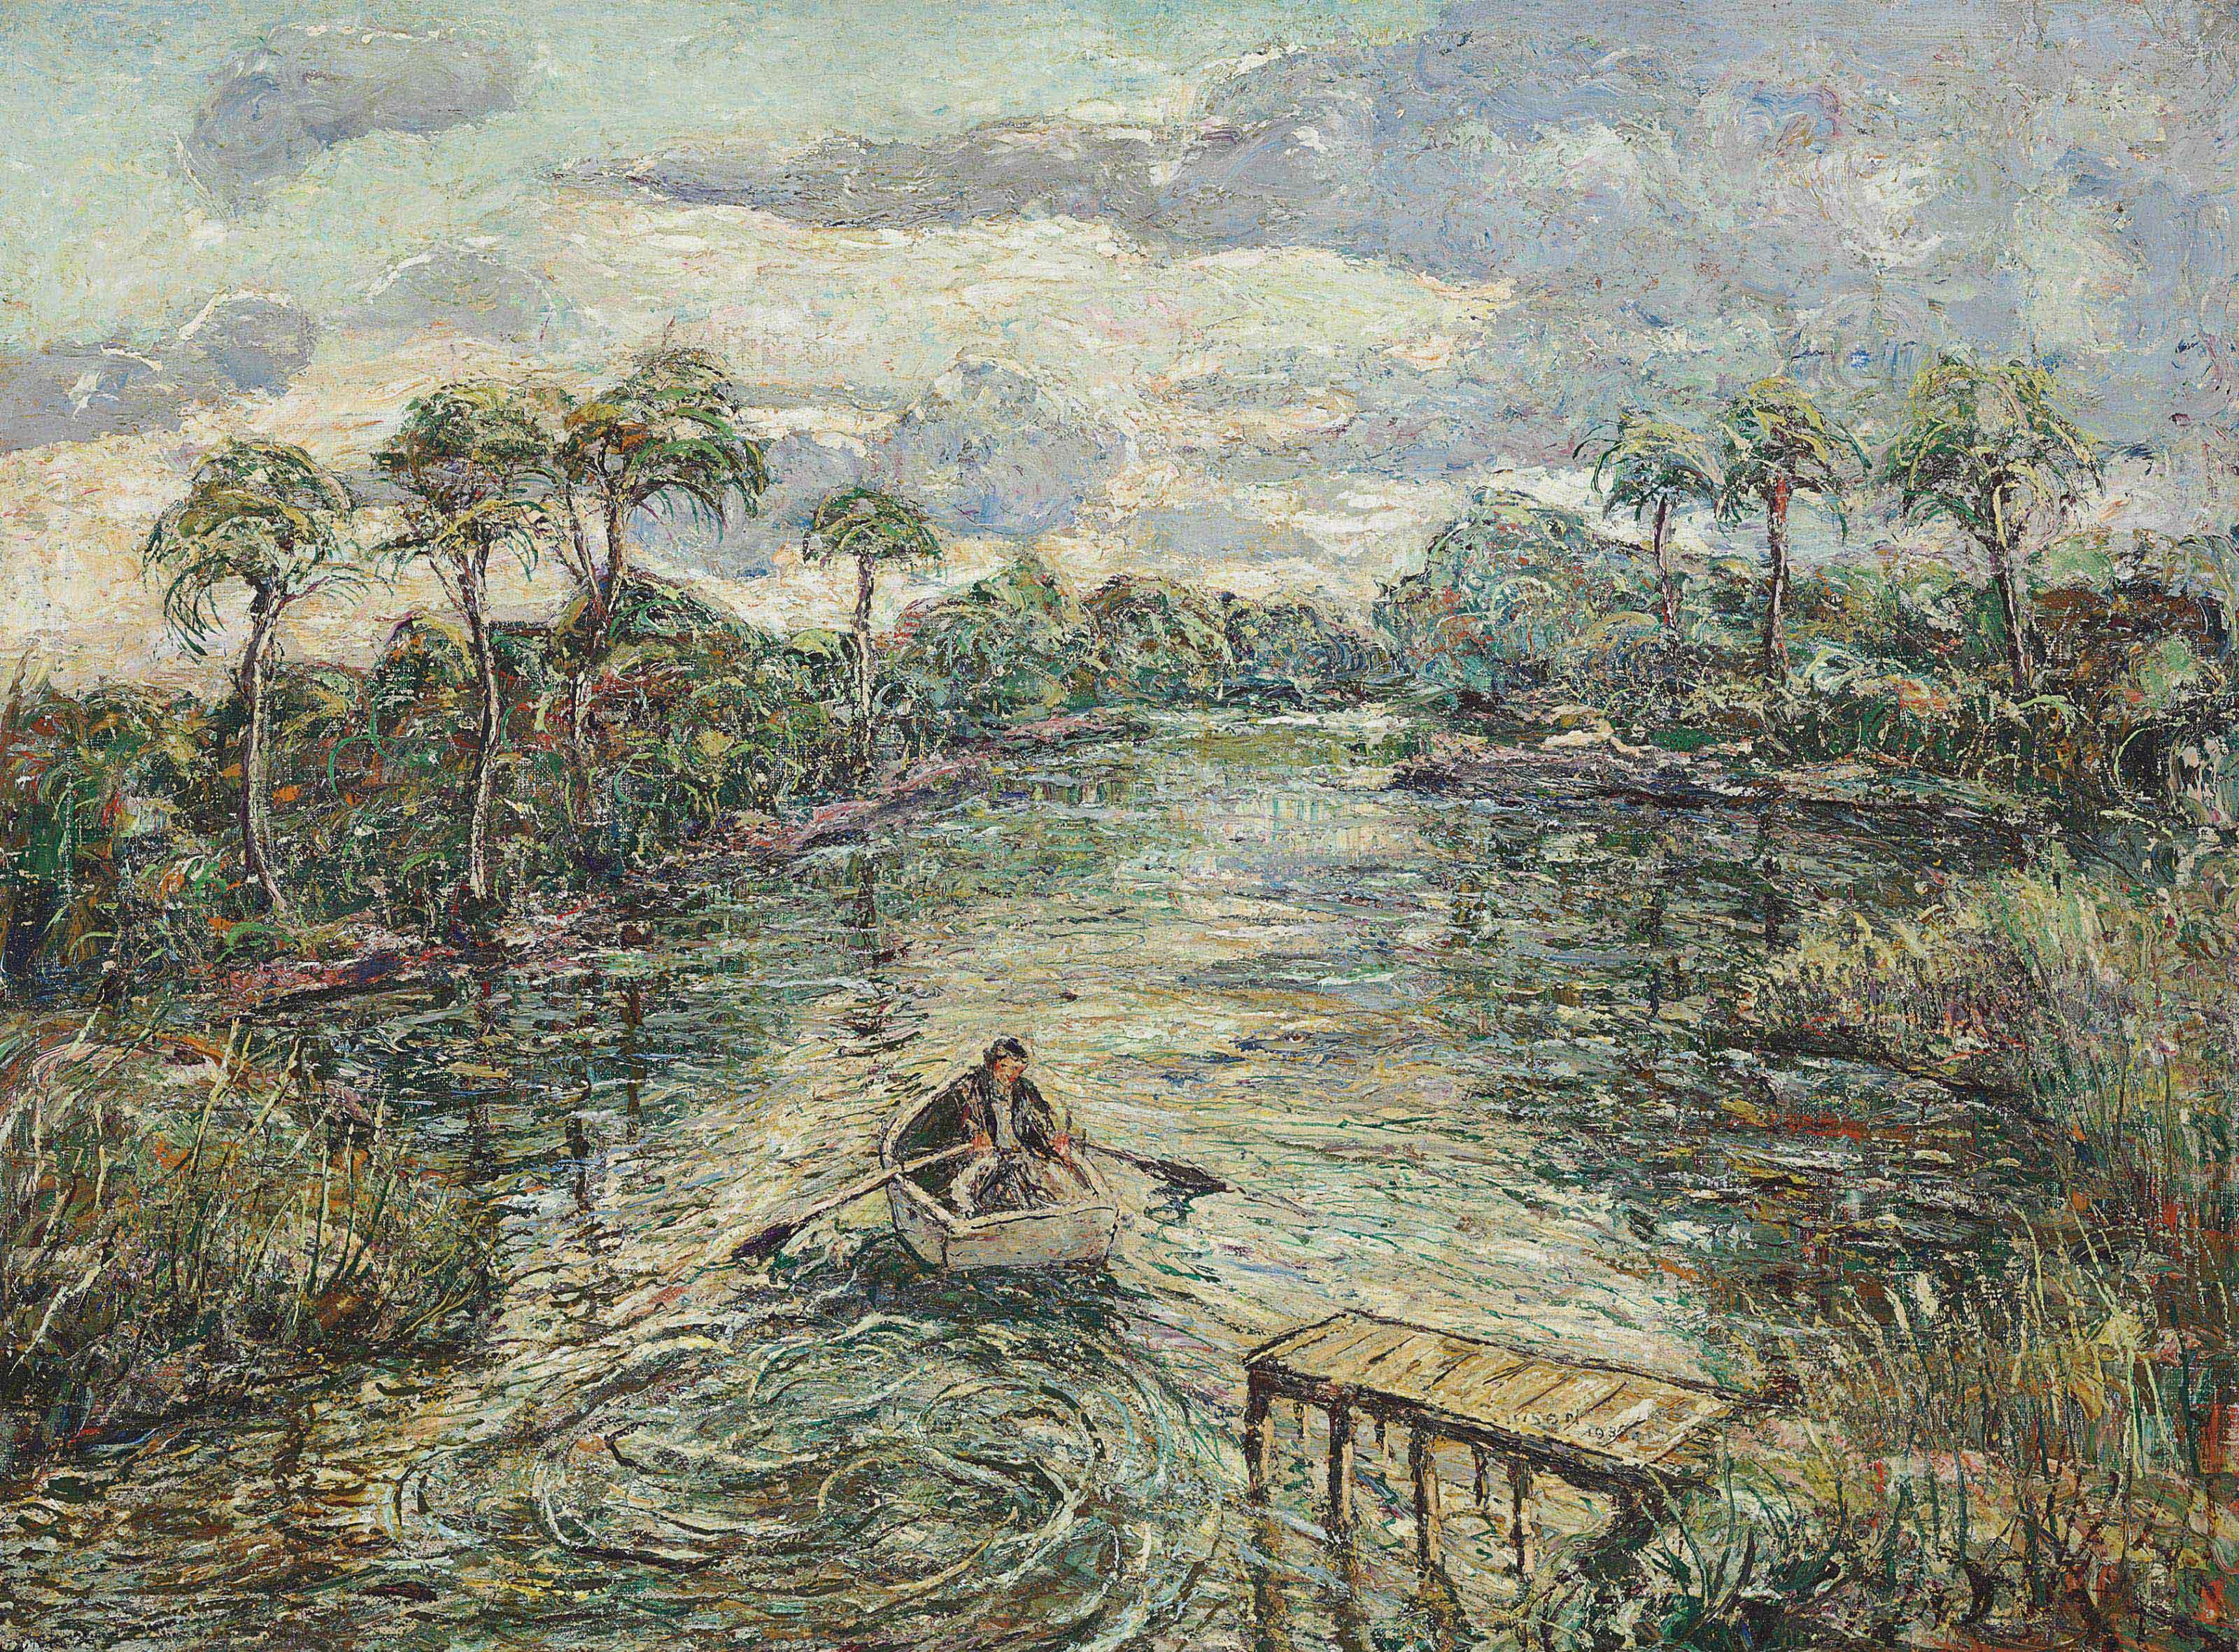 River Through the Everglades